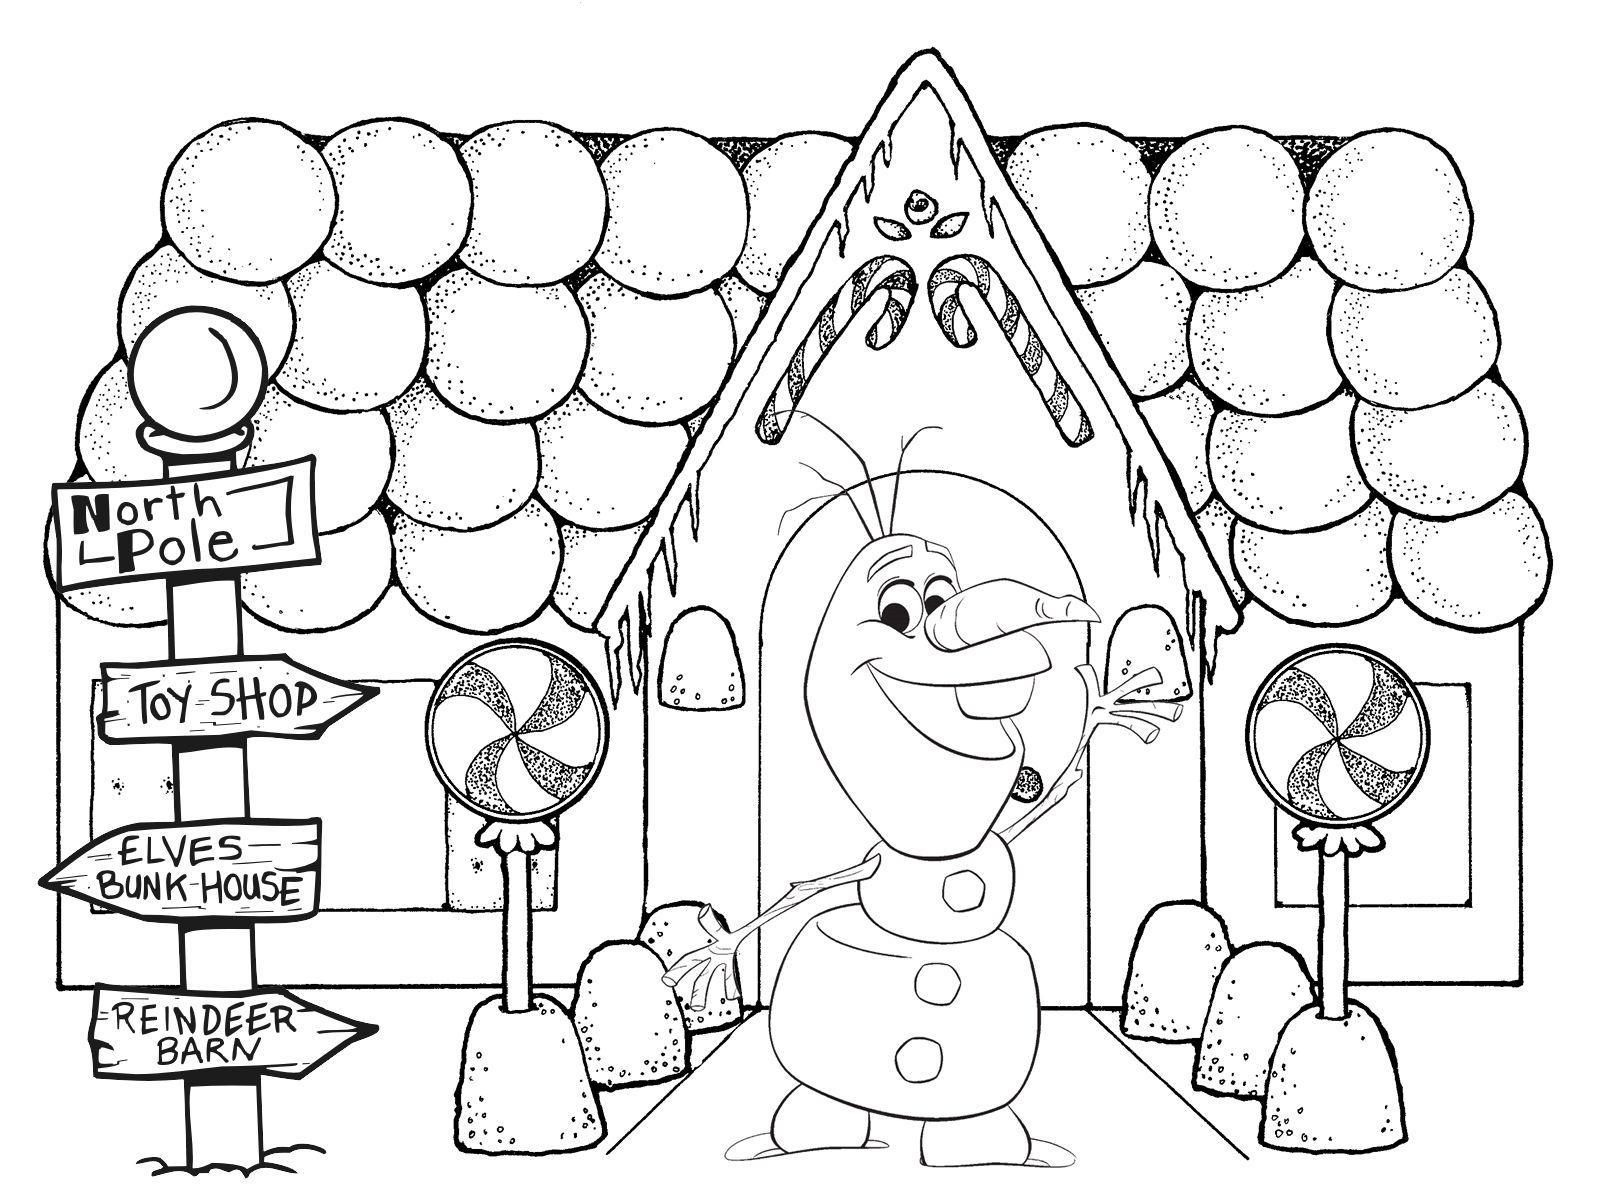 Kleurplaten Frozen Elsa En Anna En Olaf.Comfortable Frozen Kleurplaten Samen Kleuren Kleurplaten Kerst